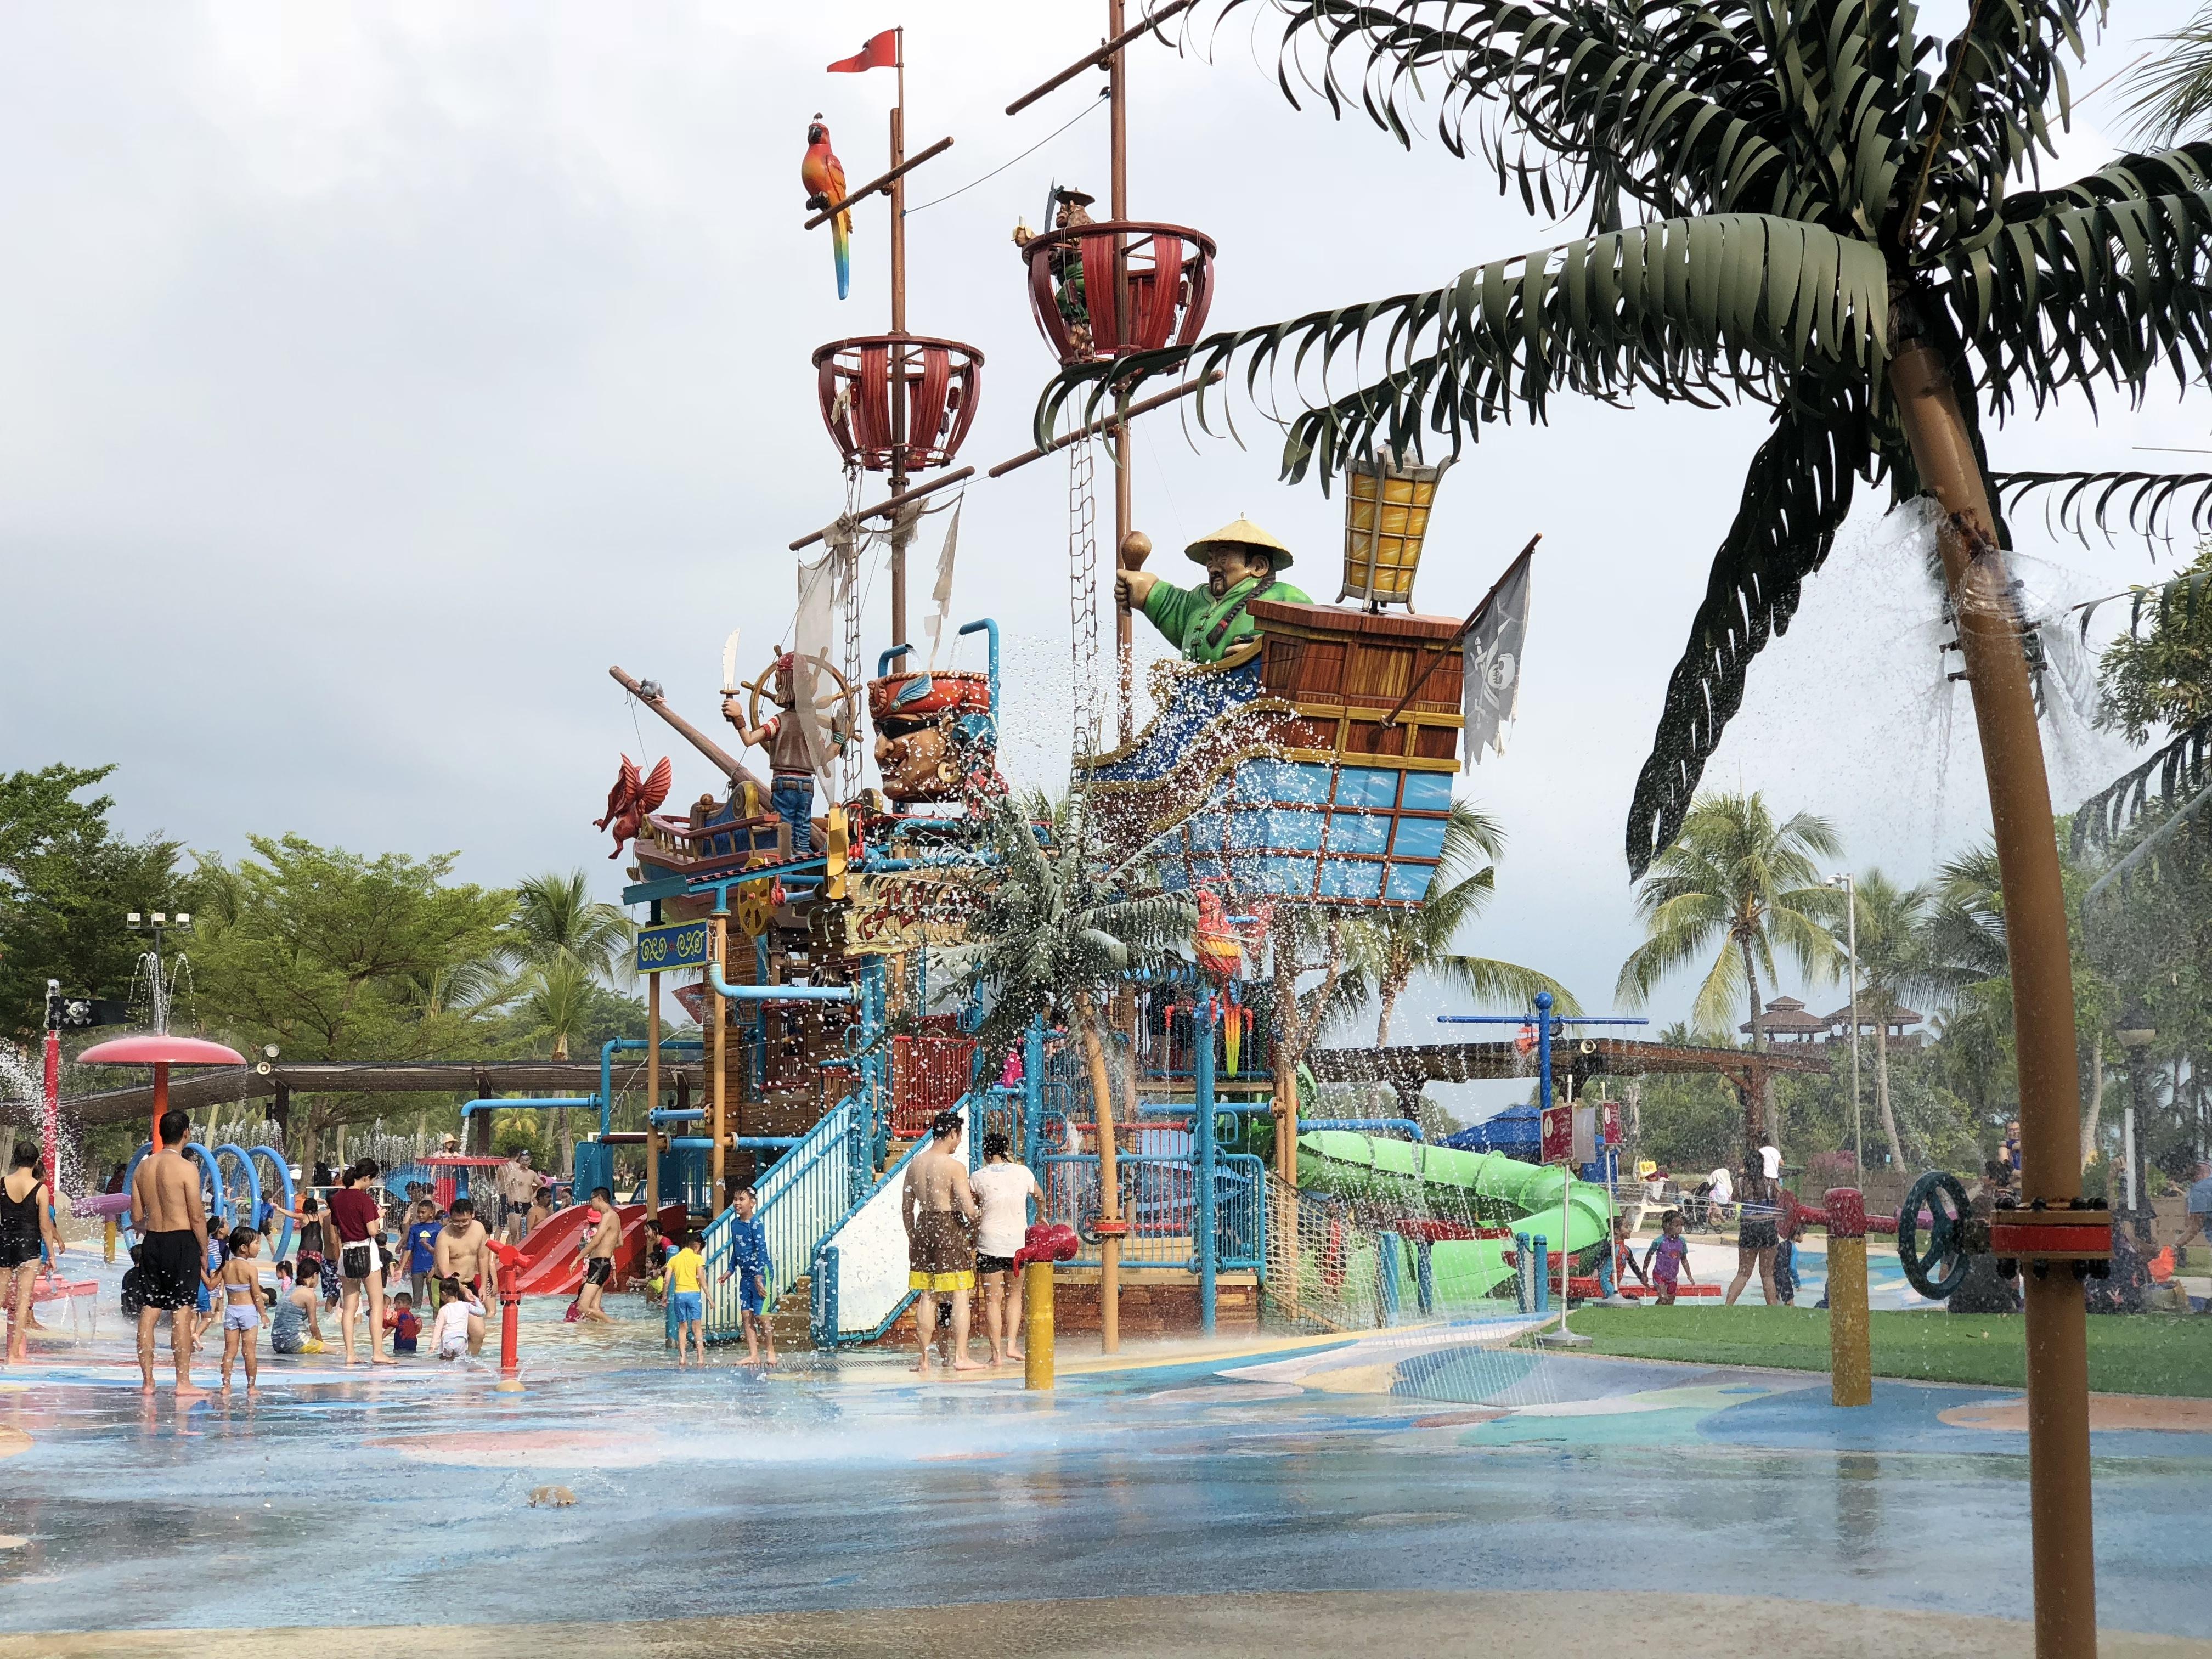 タンジョンビーチ セントーサ島のビーチが子供の楽園だった件